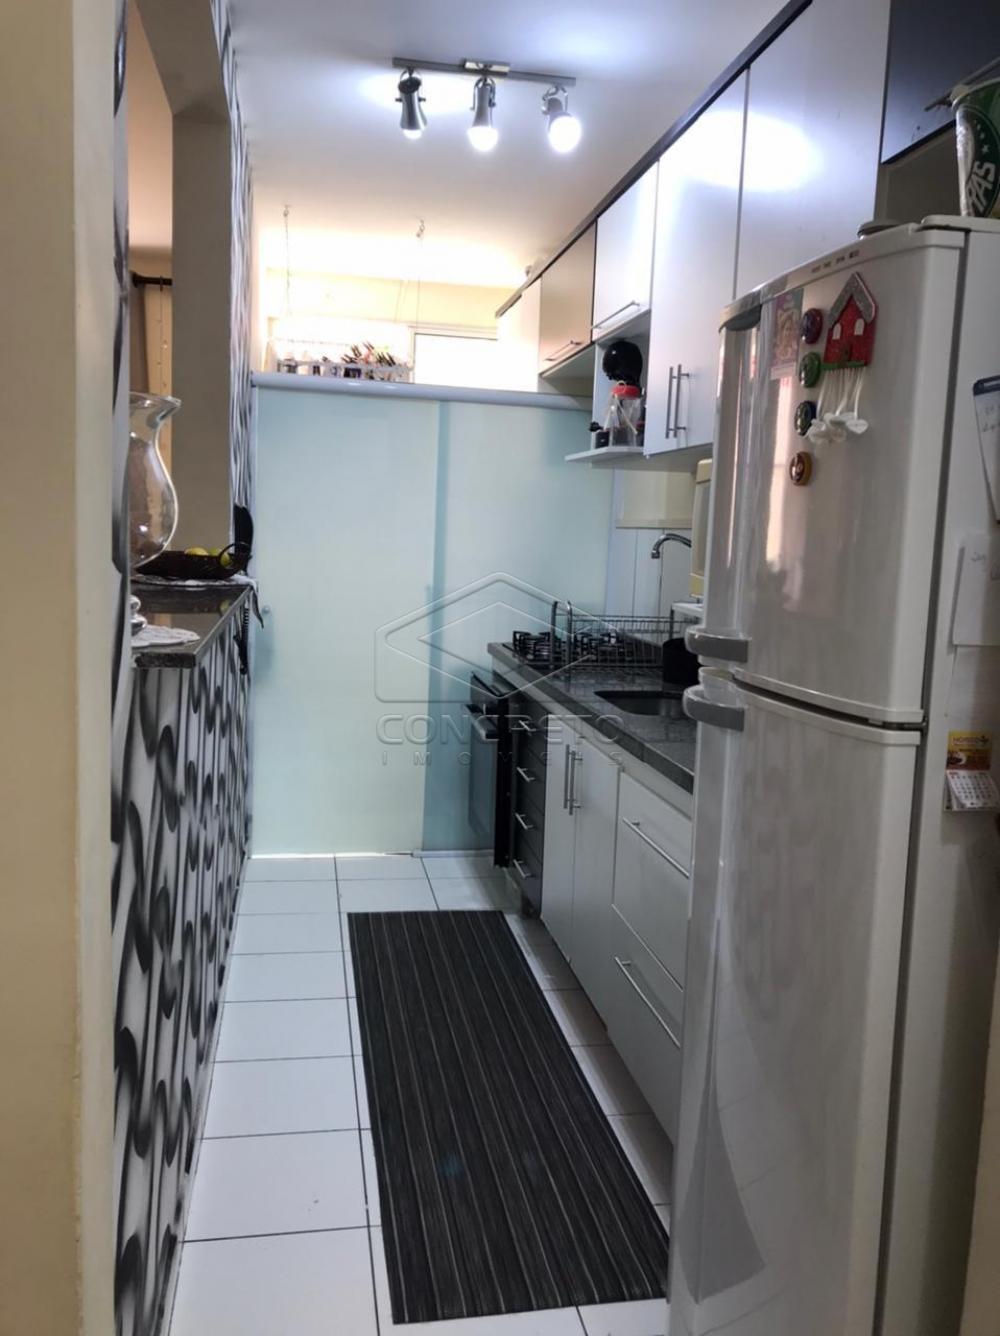 Comprar Apartamento / Padrão em Bauru R$ 224.000,00 - Foto 4